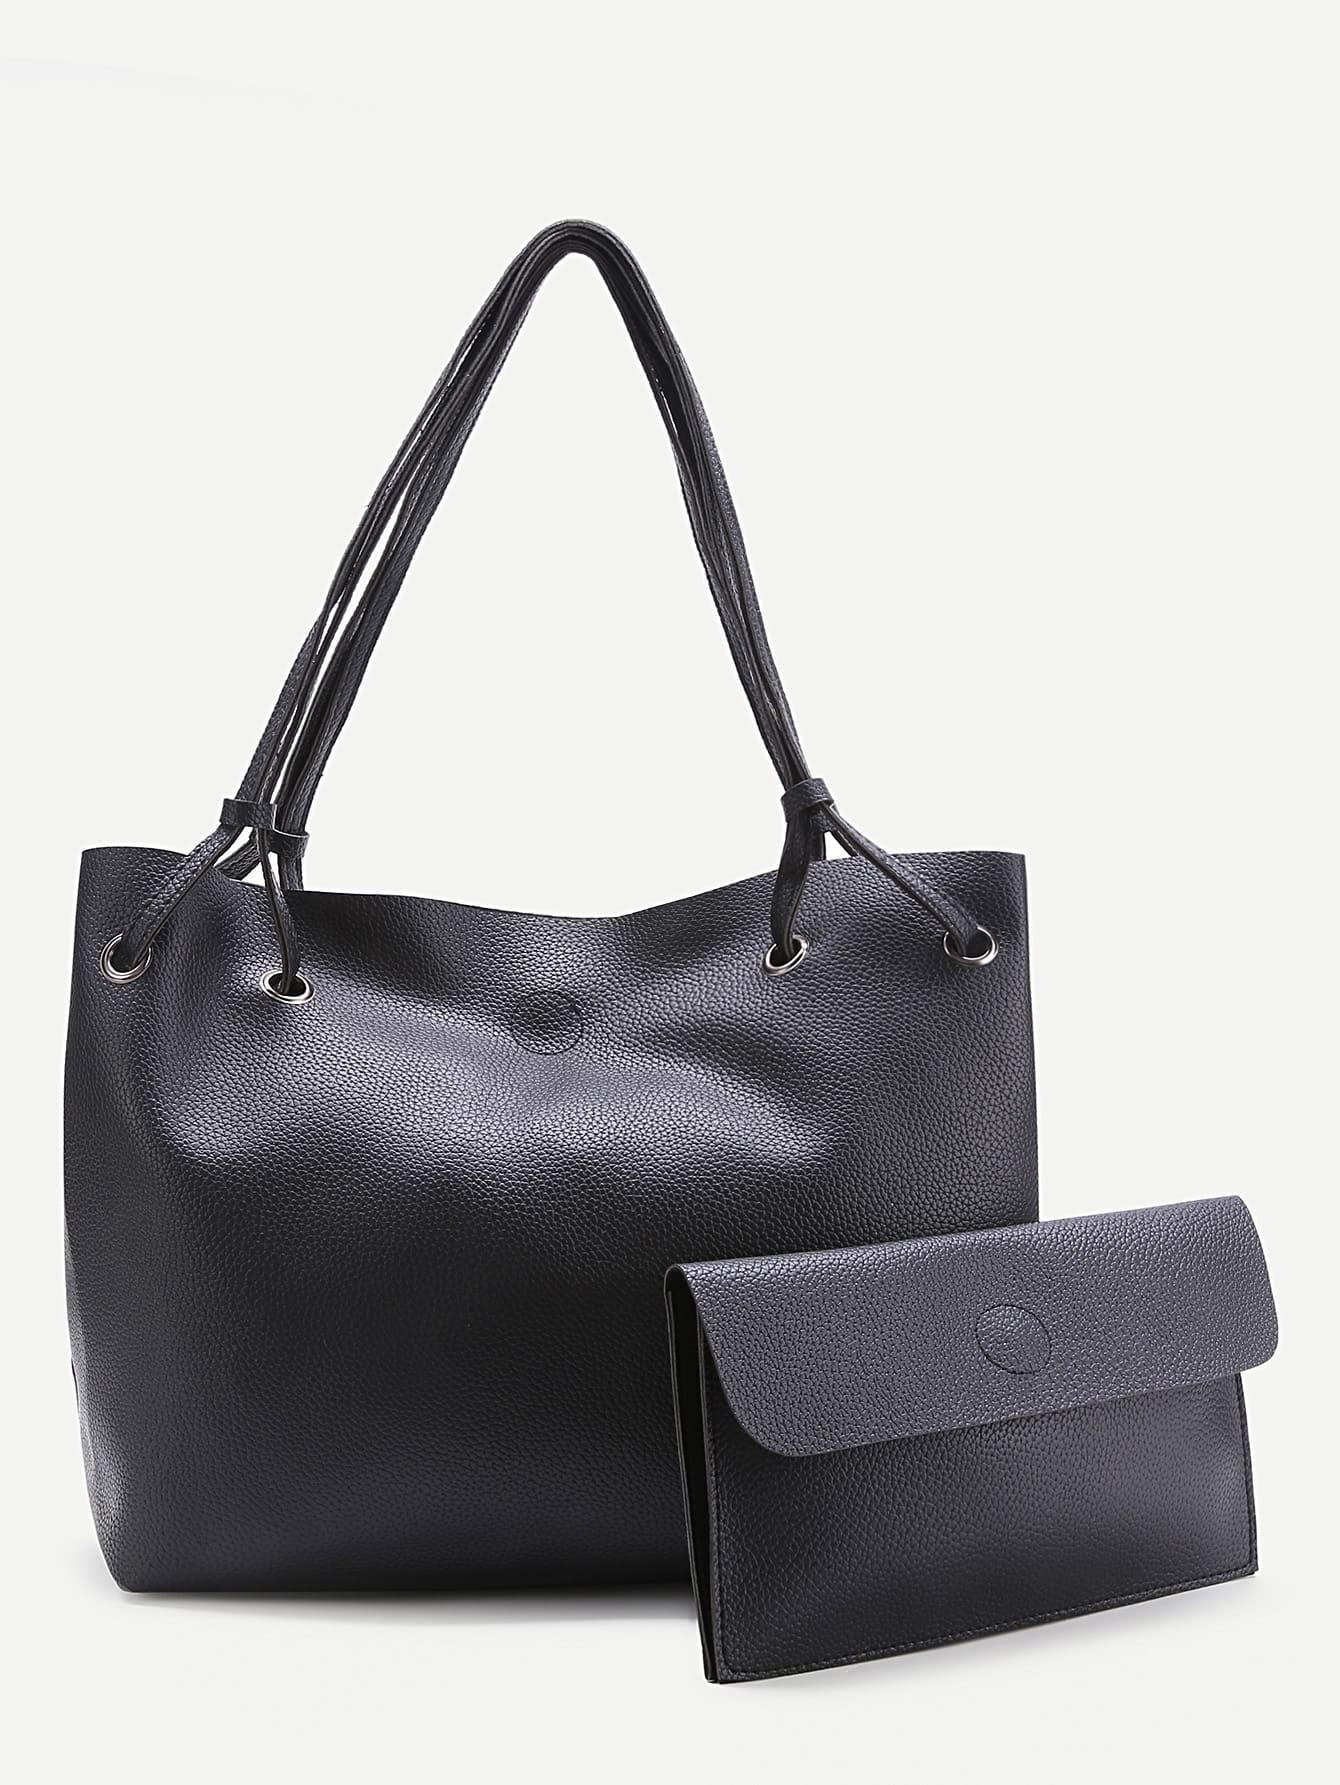 Фото PU Tote Bag With Foldover Clutch Bag. Купить с доставкой